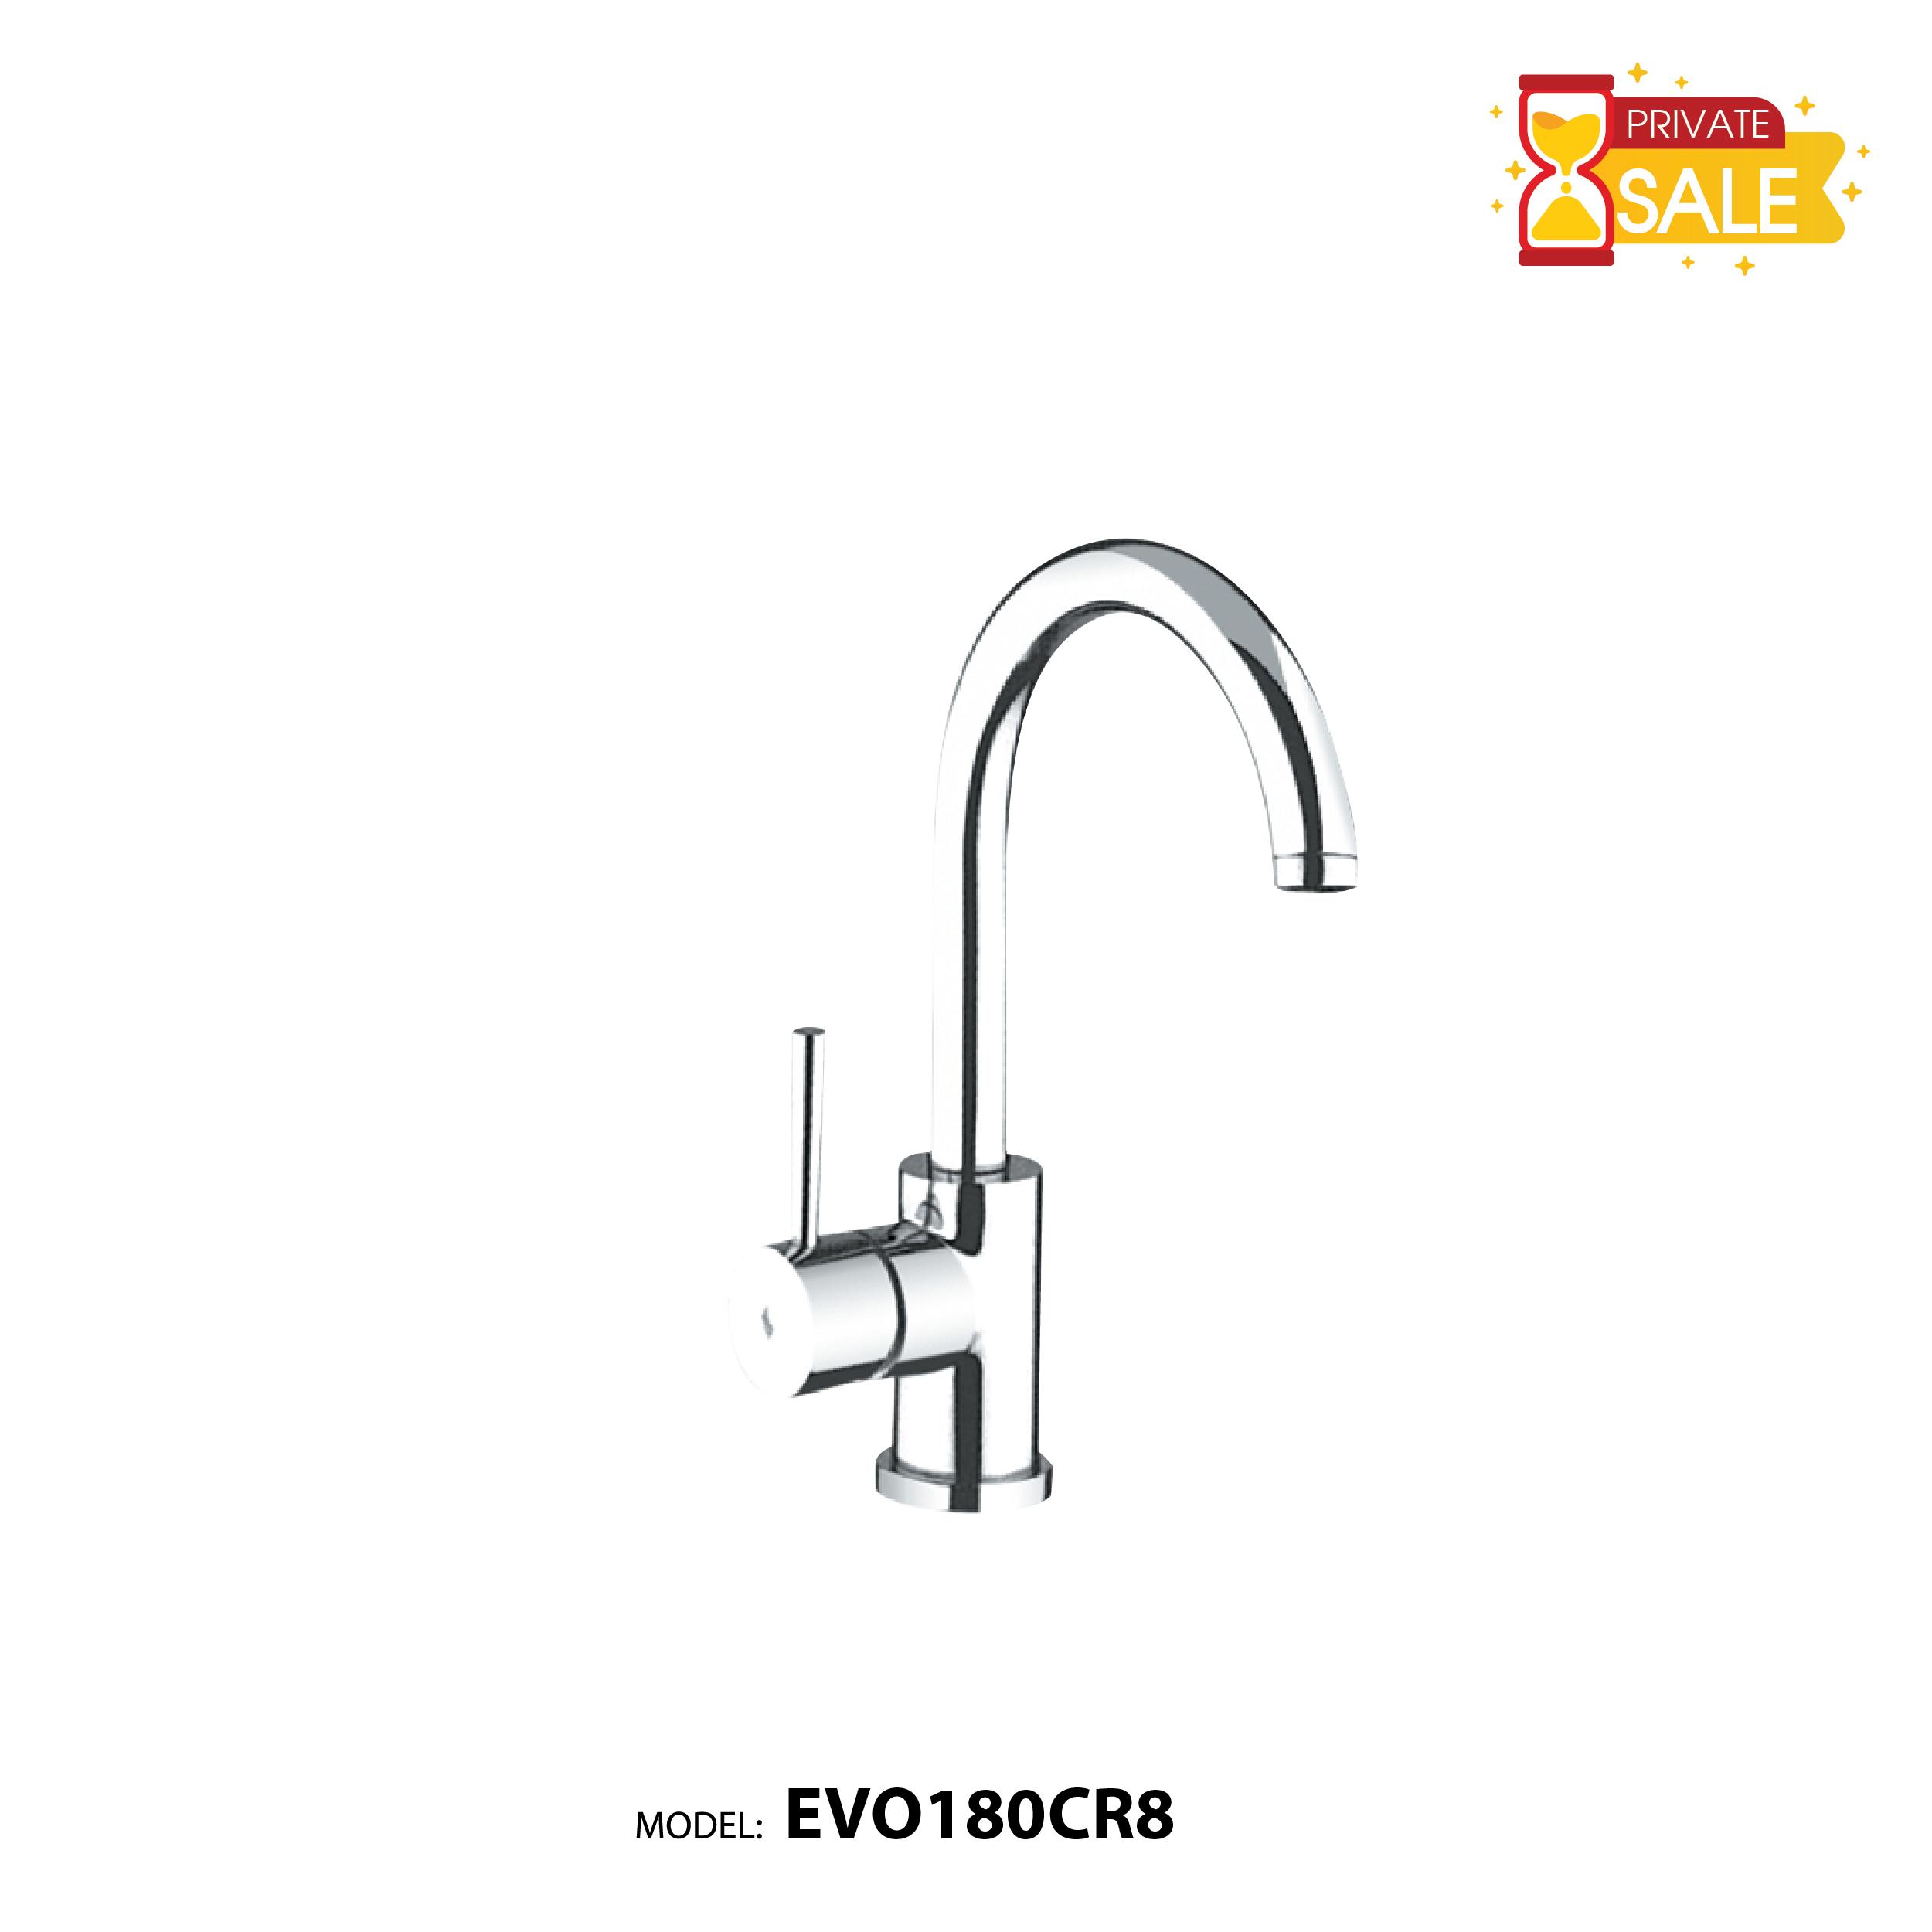 VÒI CHẬU NÓNG LẠNH PAFFONI EVO180CR8 (Vòi lavabo model: EVO180CR8)